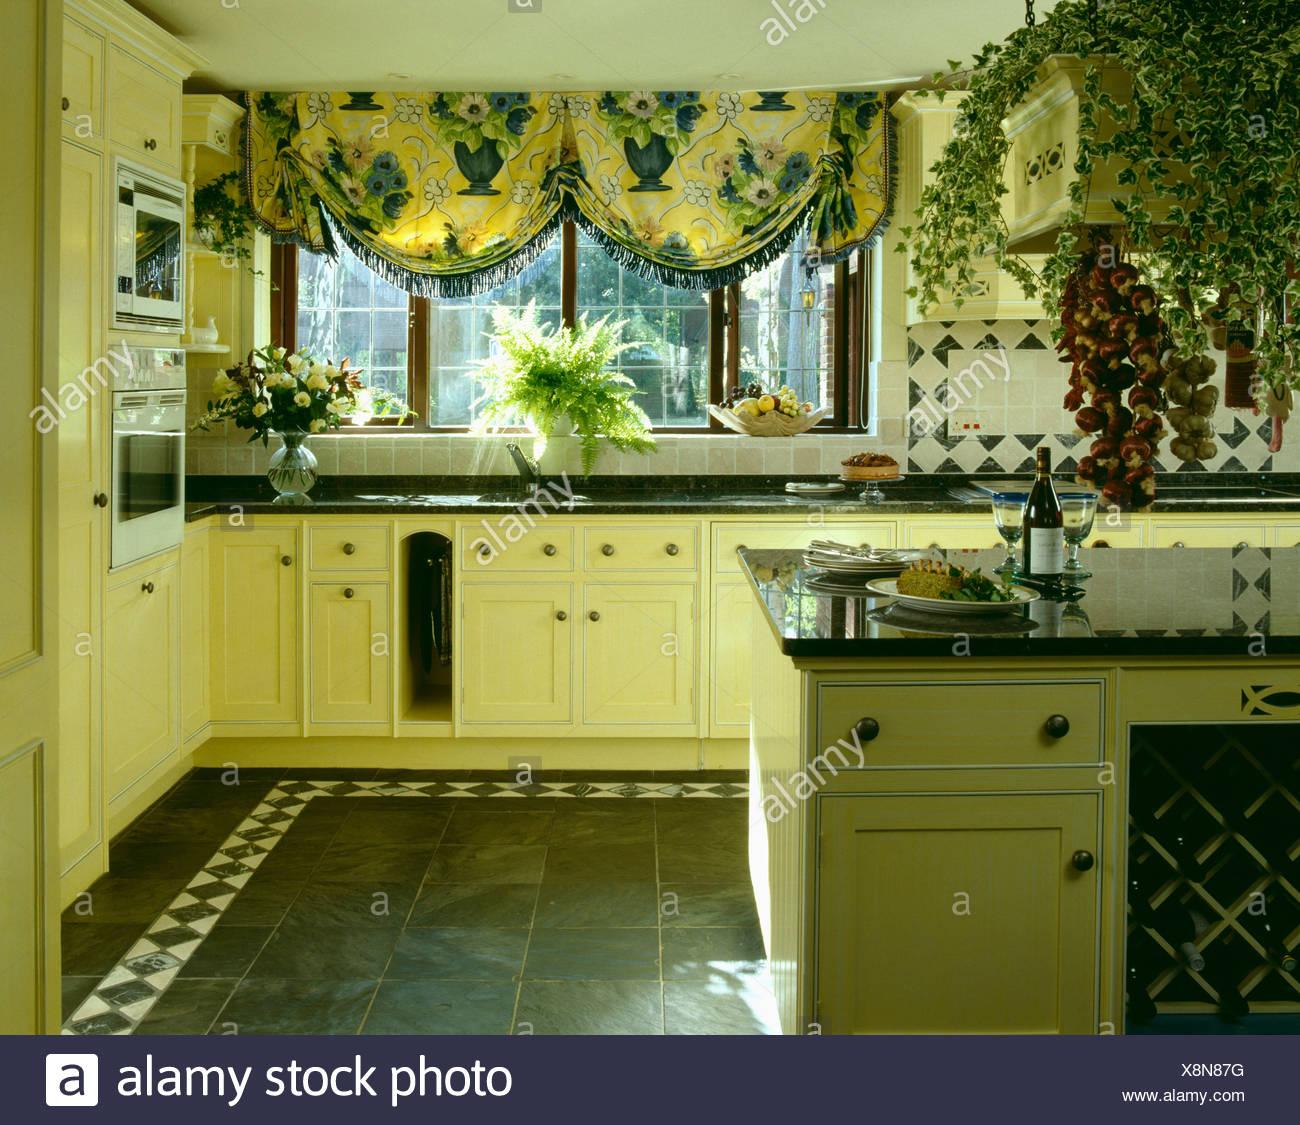 Gelb Achtziger Jahre Ausgestattet Kuche Mit Gelb Und Blau